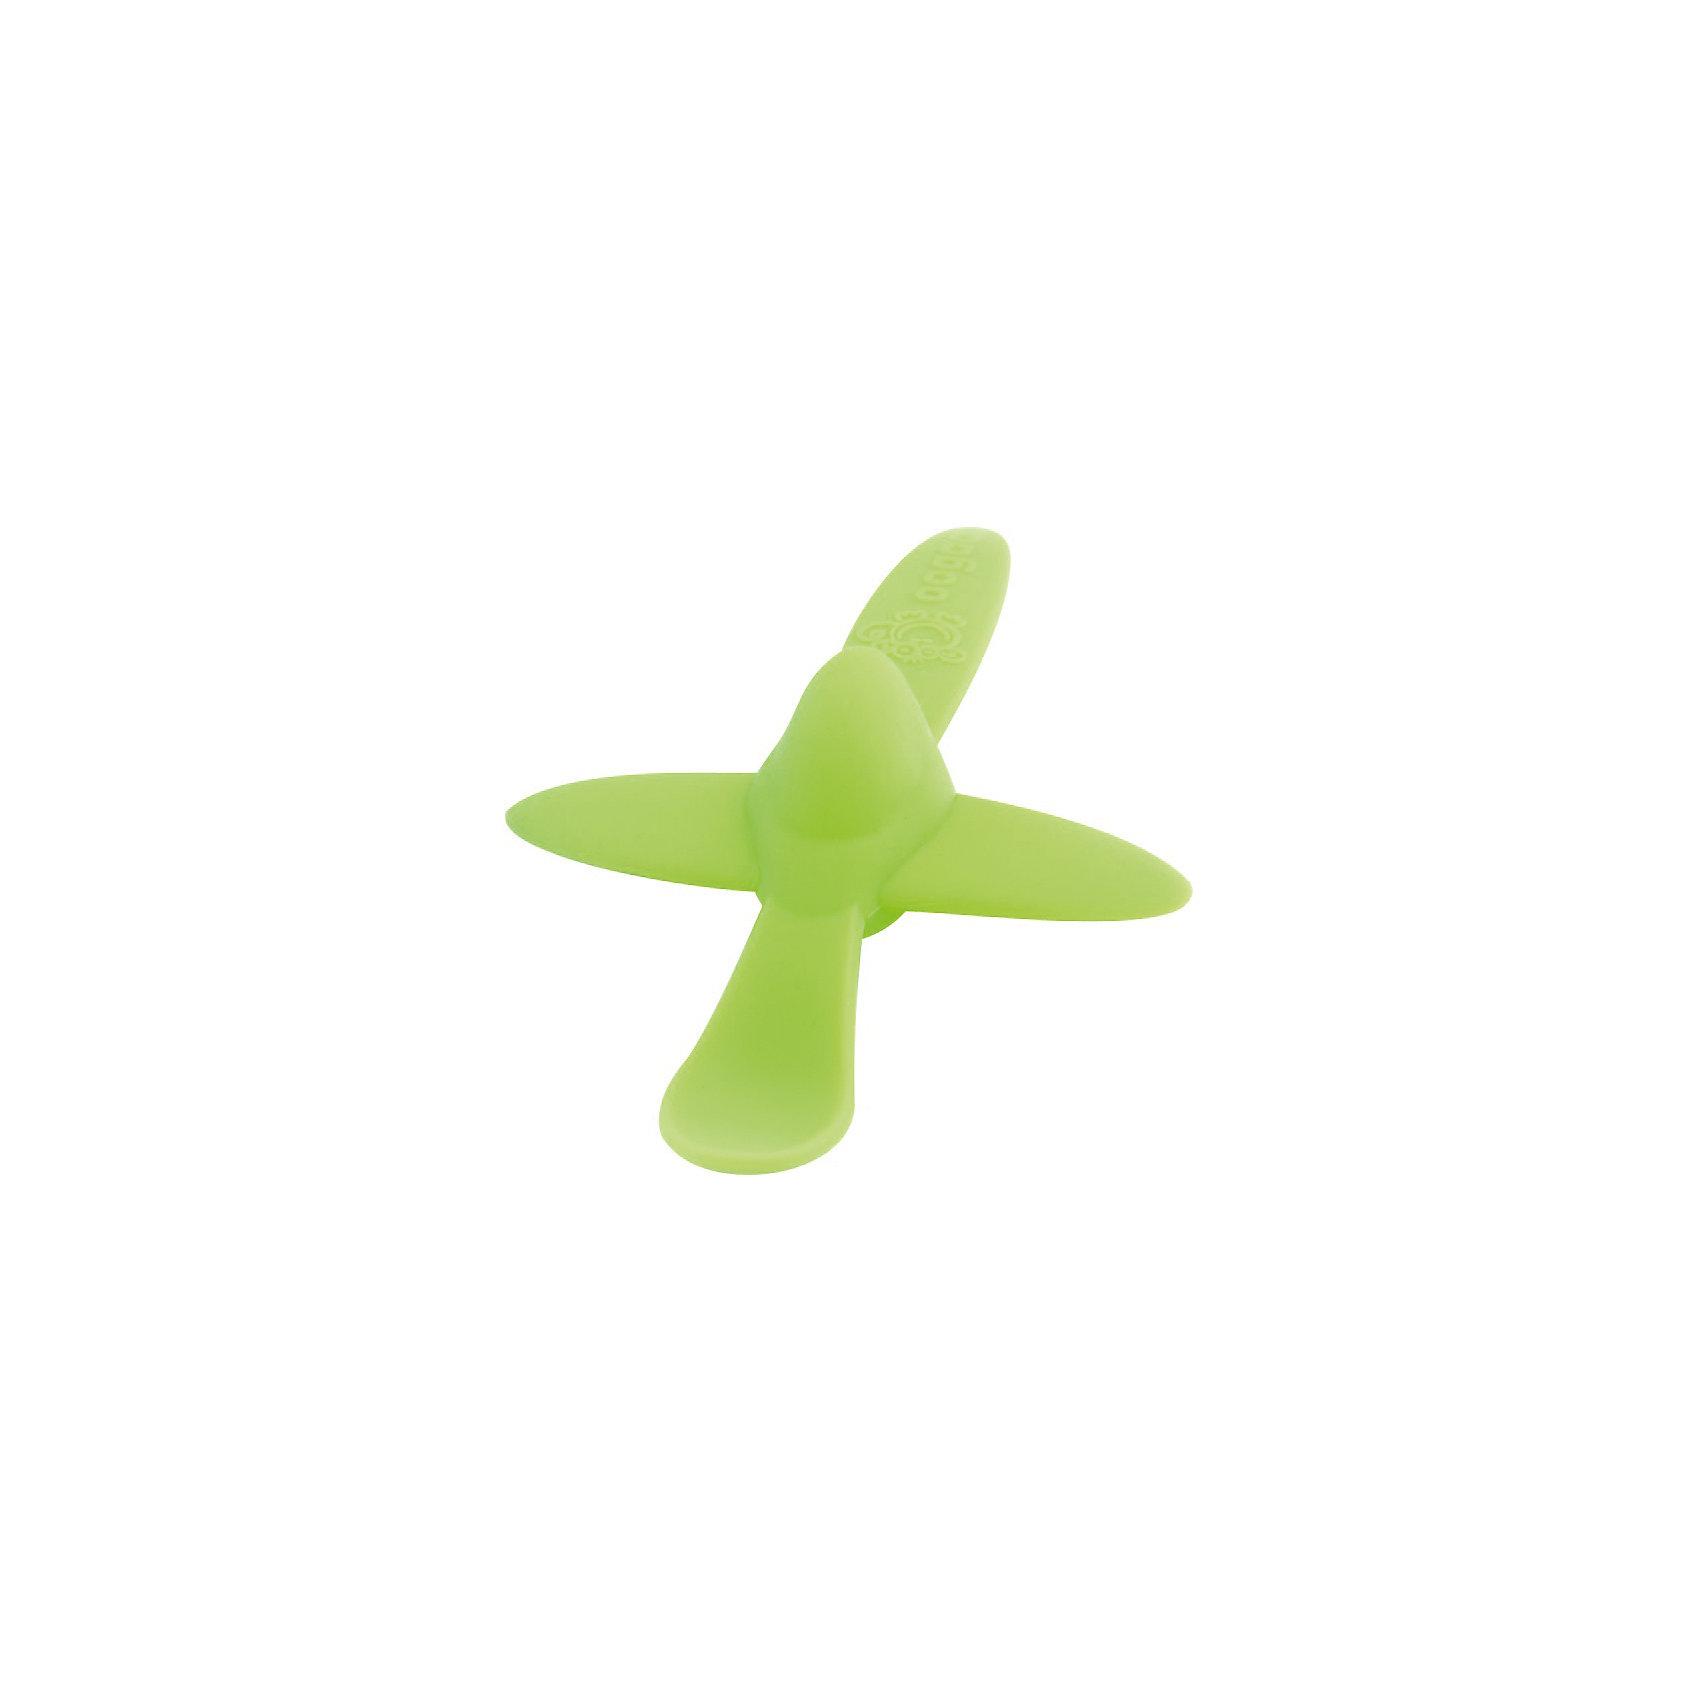 Ложка Самолет, Oogaa, зеленый